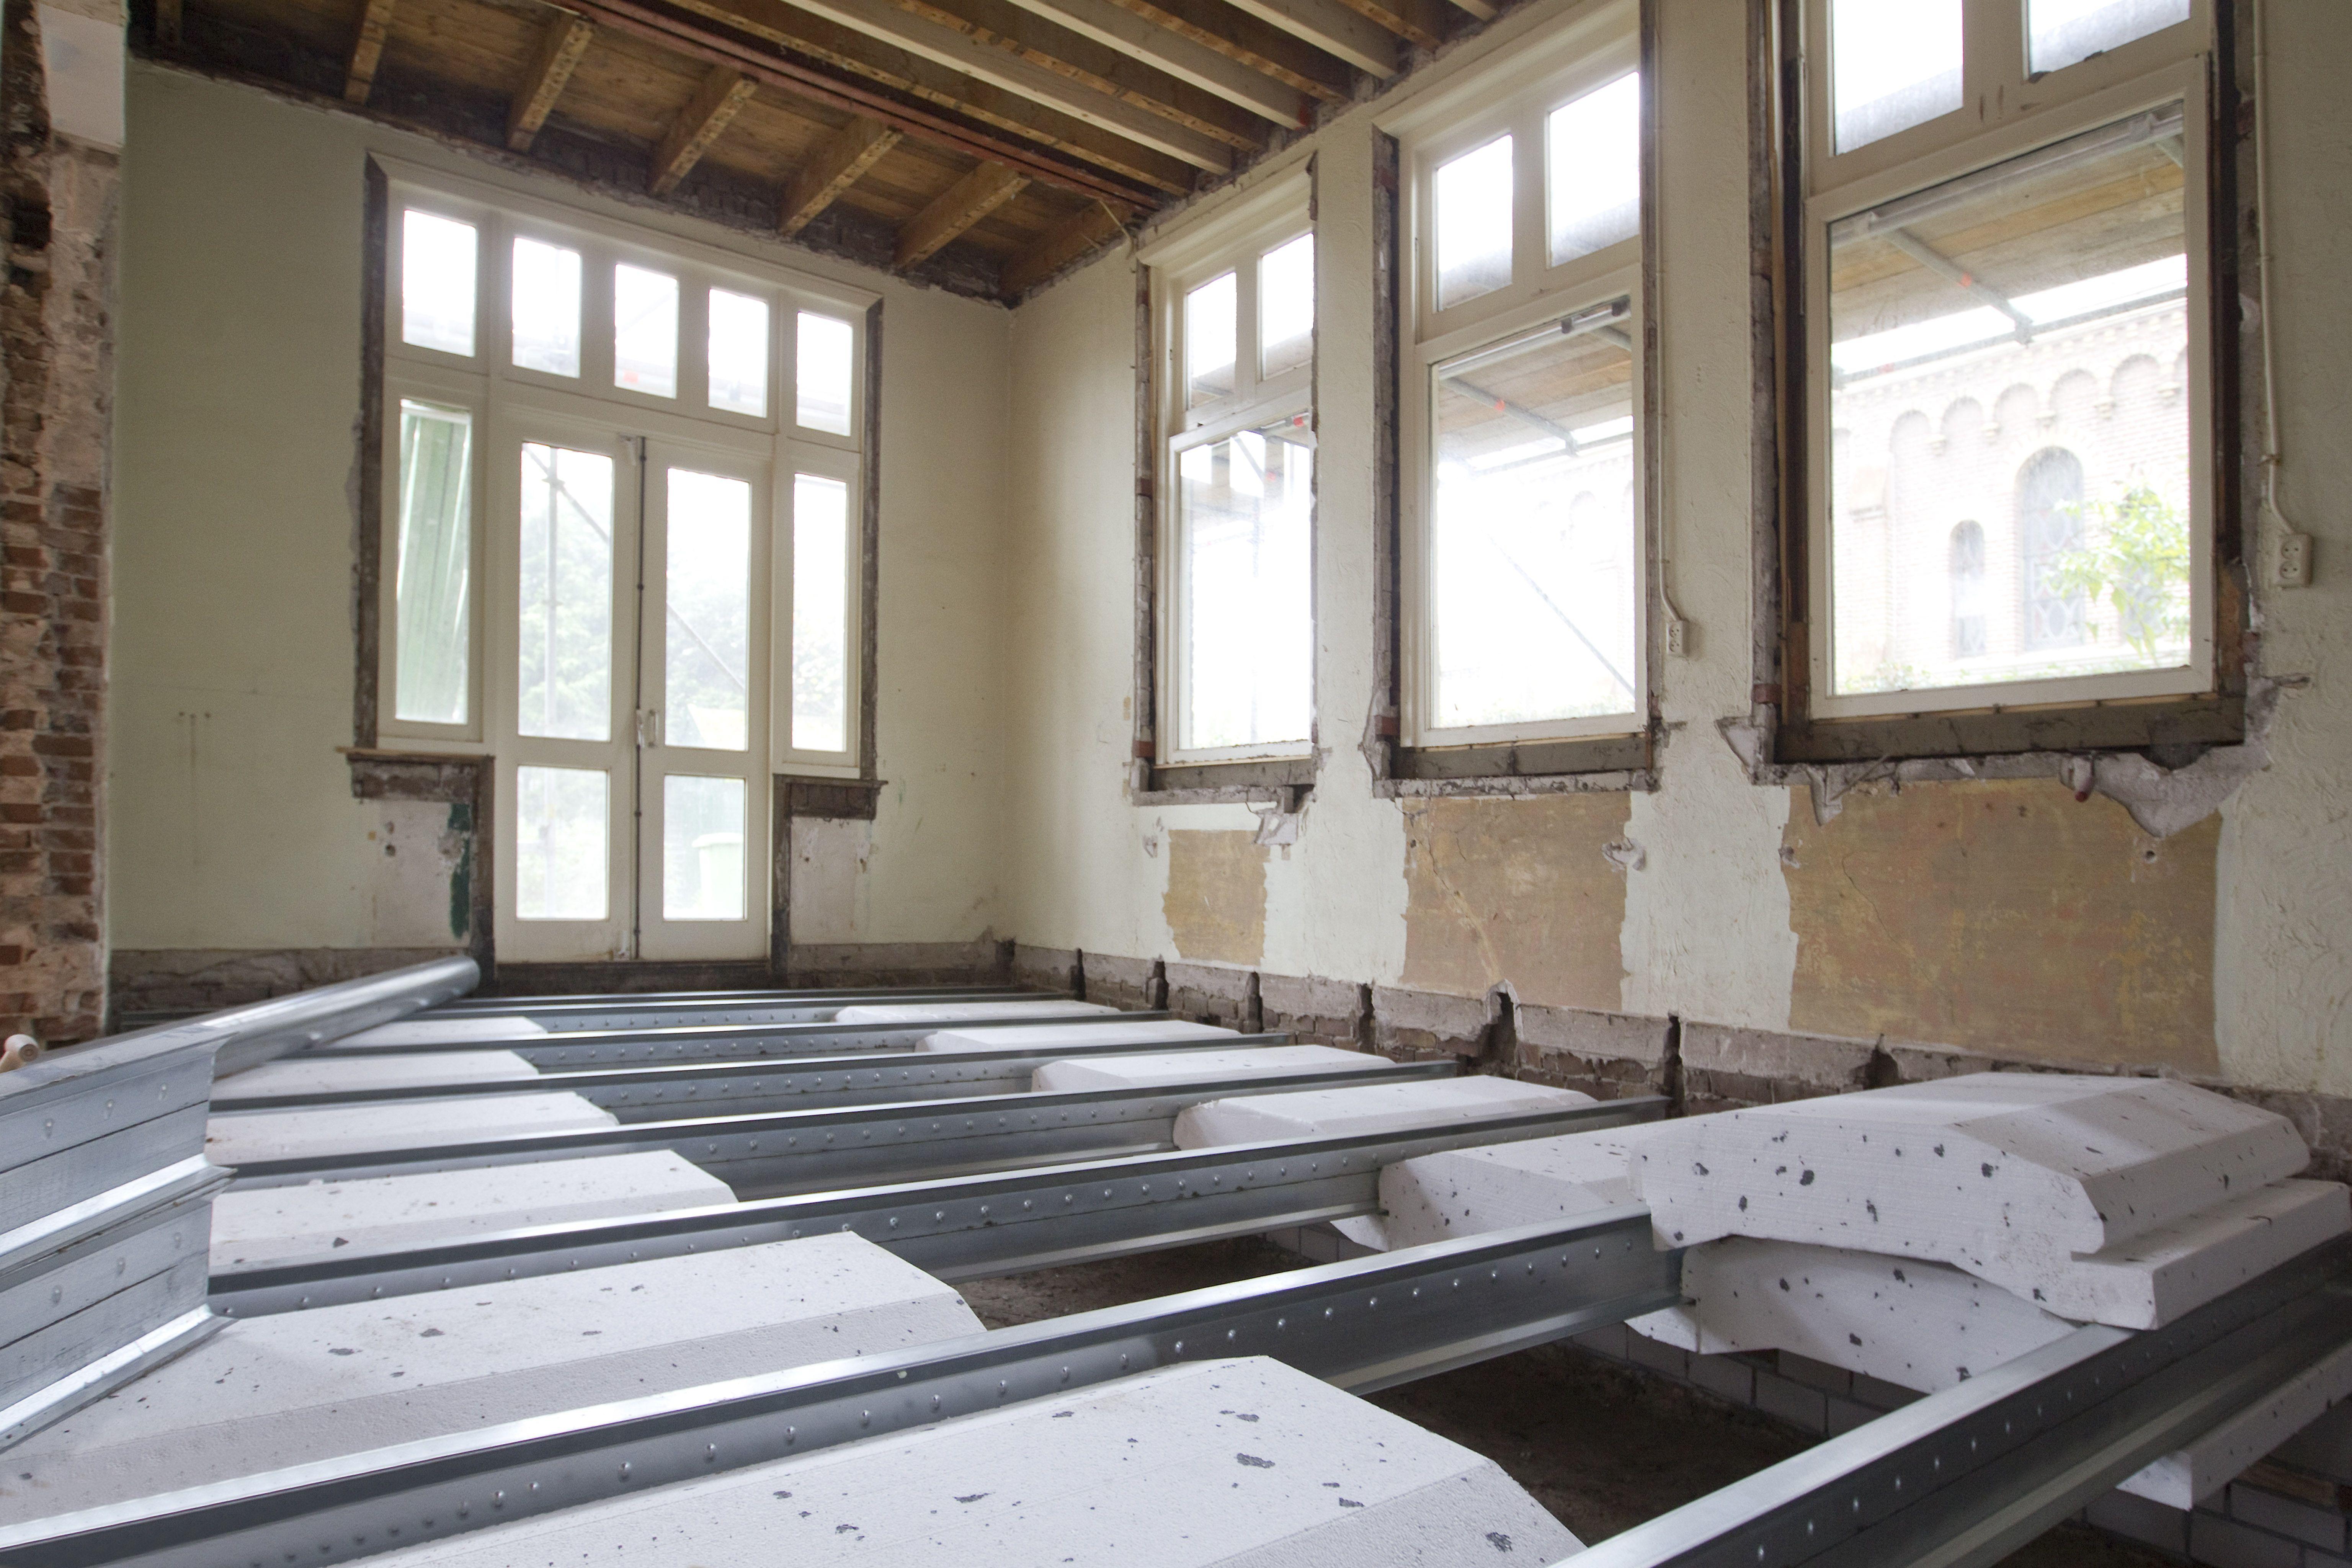 Prijs Eikenhouten Vloer : Renovatievloeren op een rij » bouwwereld.nl